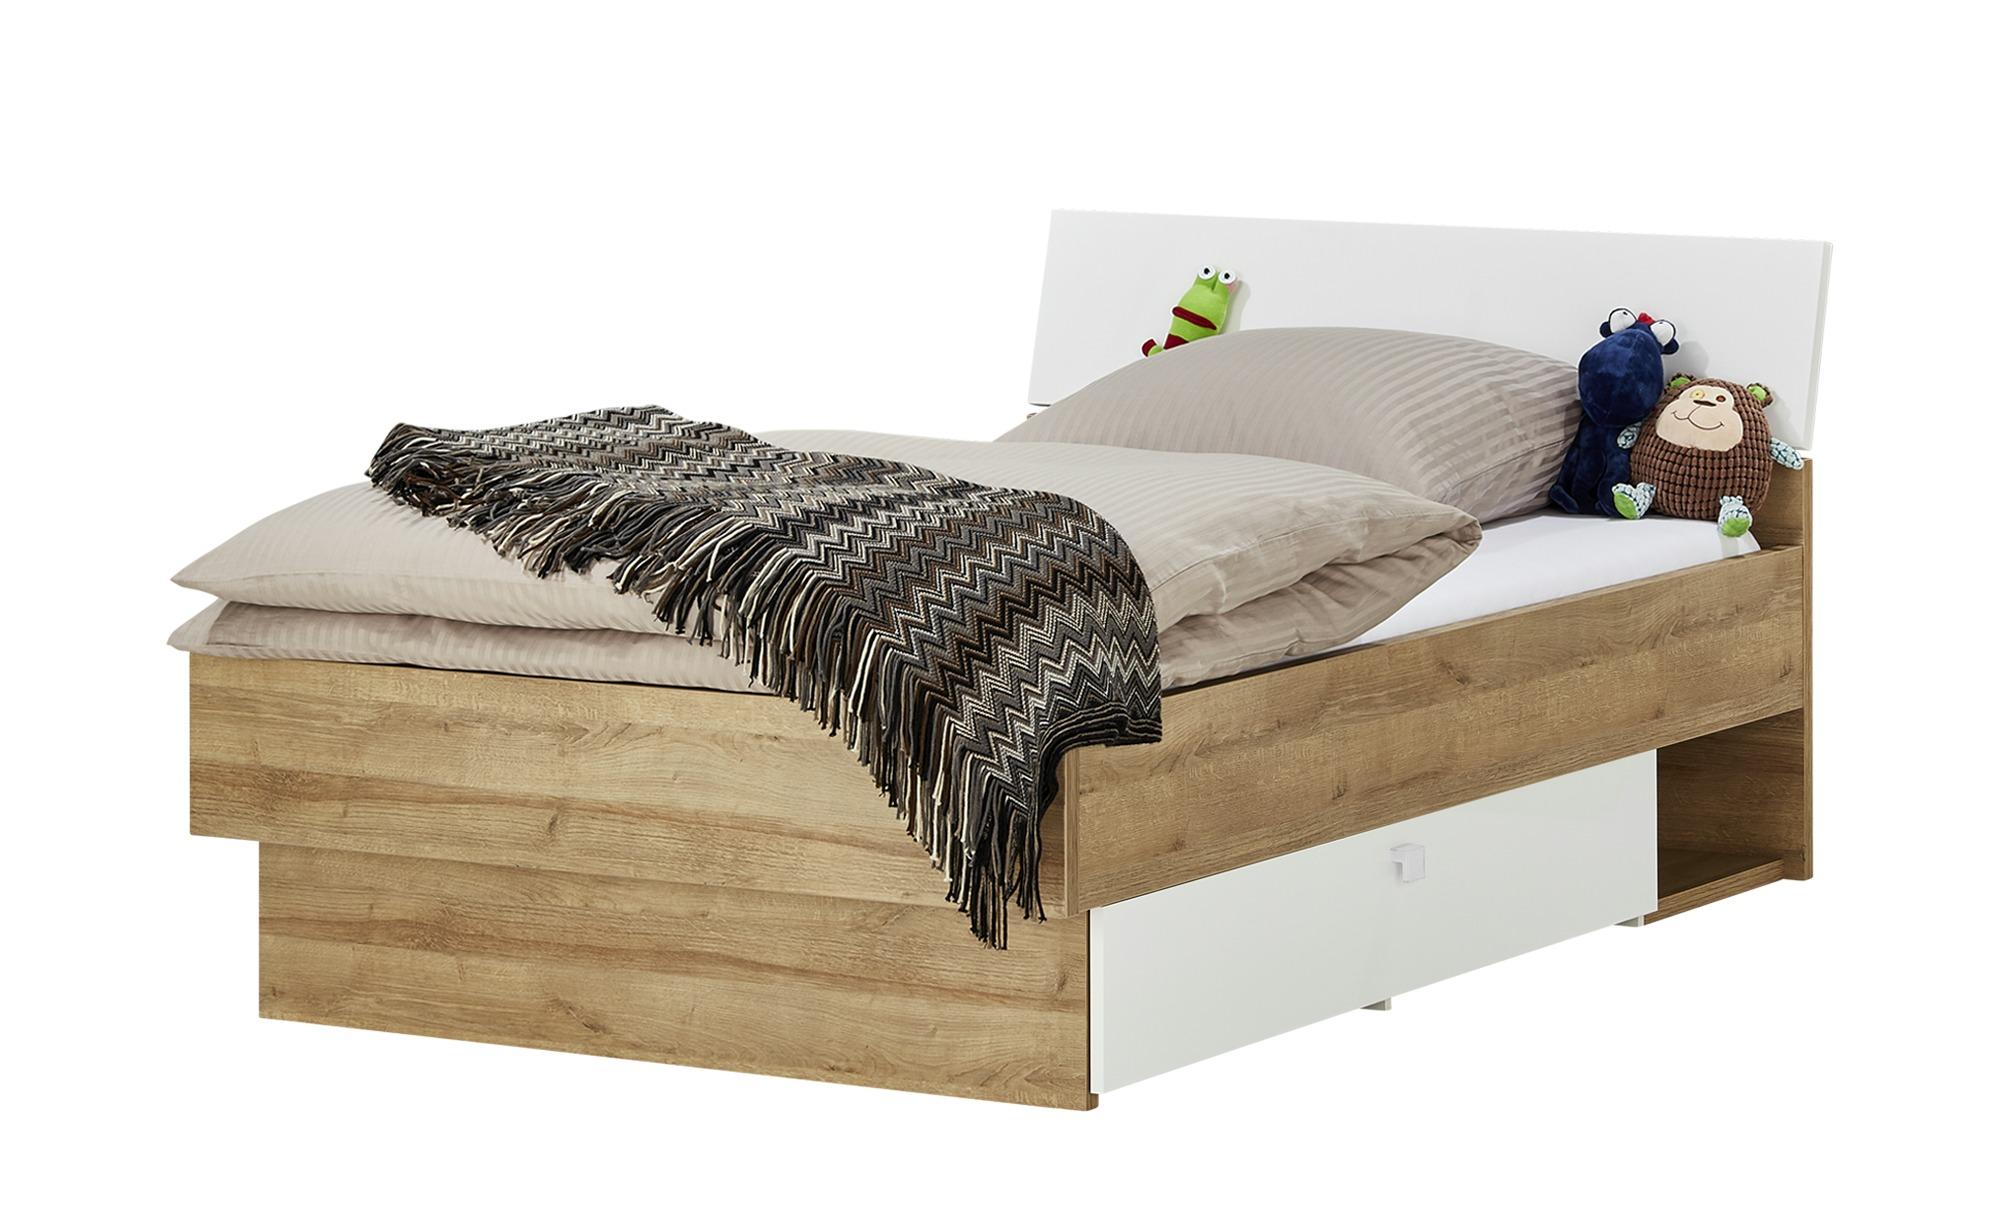 Full Size of Stauraumbett 120x200 Bett Weiß Betten Mit Bettkasten Matratze Und Lattenrost Wohnzimmer Stauraumbett 120x200